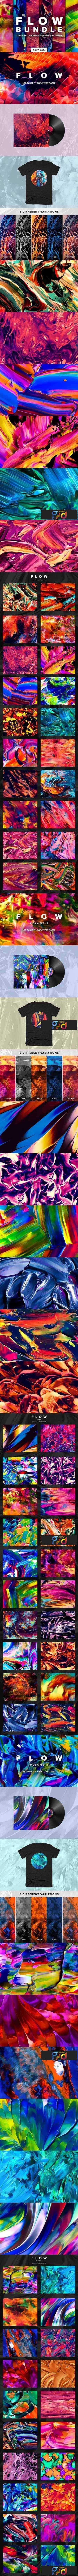 1706002 Flow Bundle300 fluid paint textures 1734158 FreePSDvn